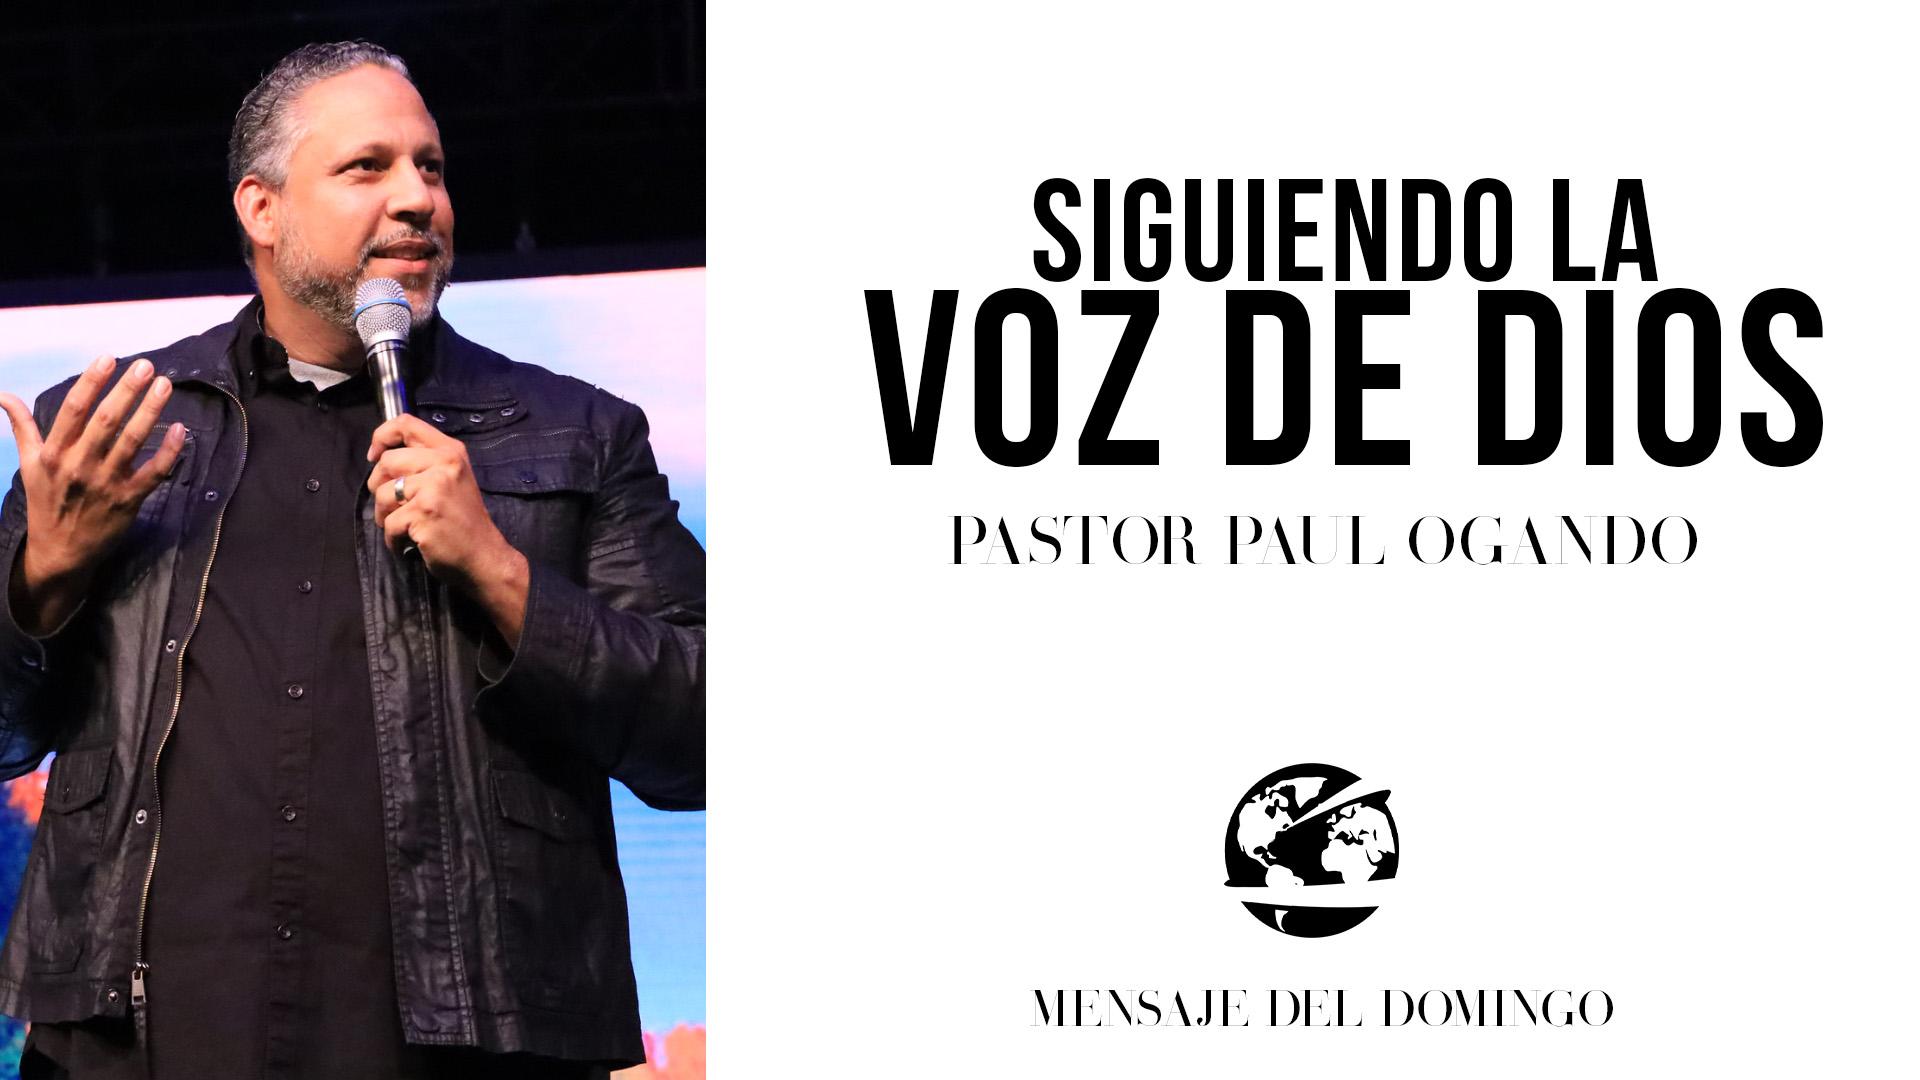 Watch Siguiendo la Voz de Dios